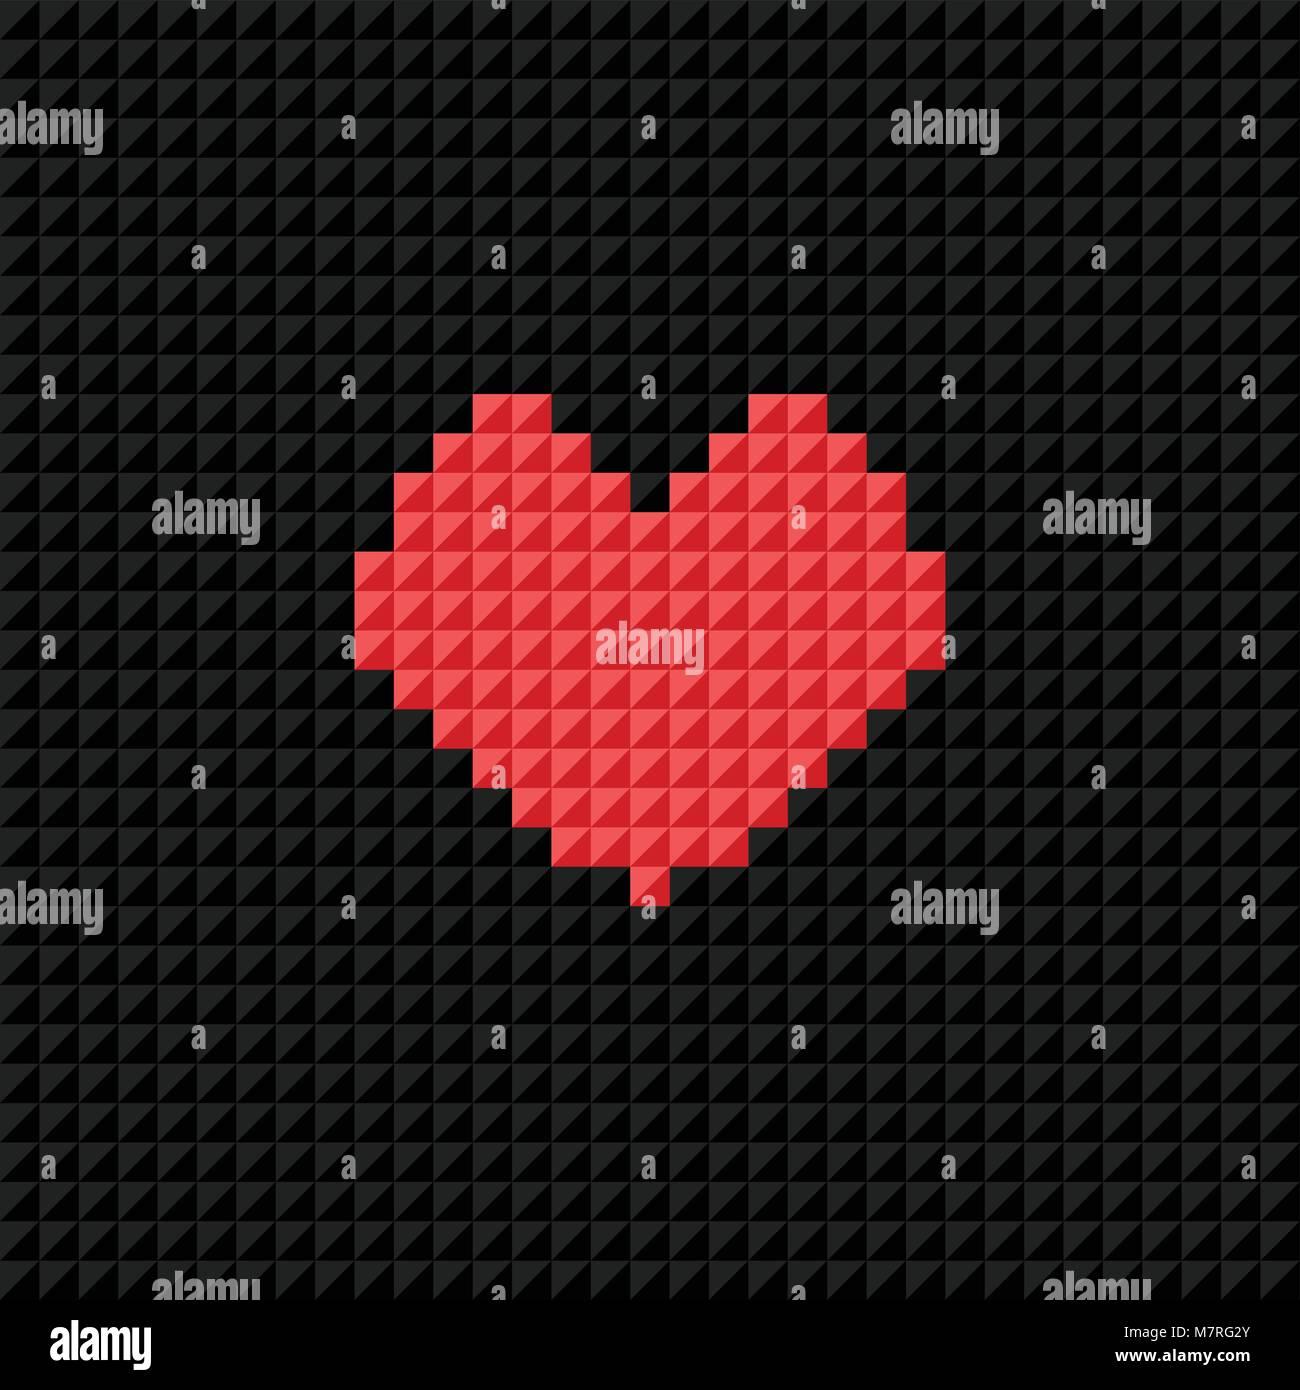 Vector Pixel Art Heart On Black Pixel Background Symbol Of